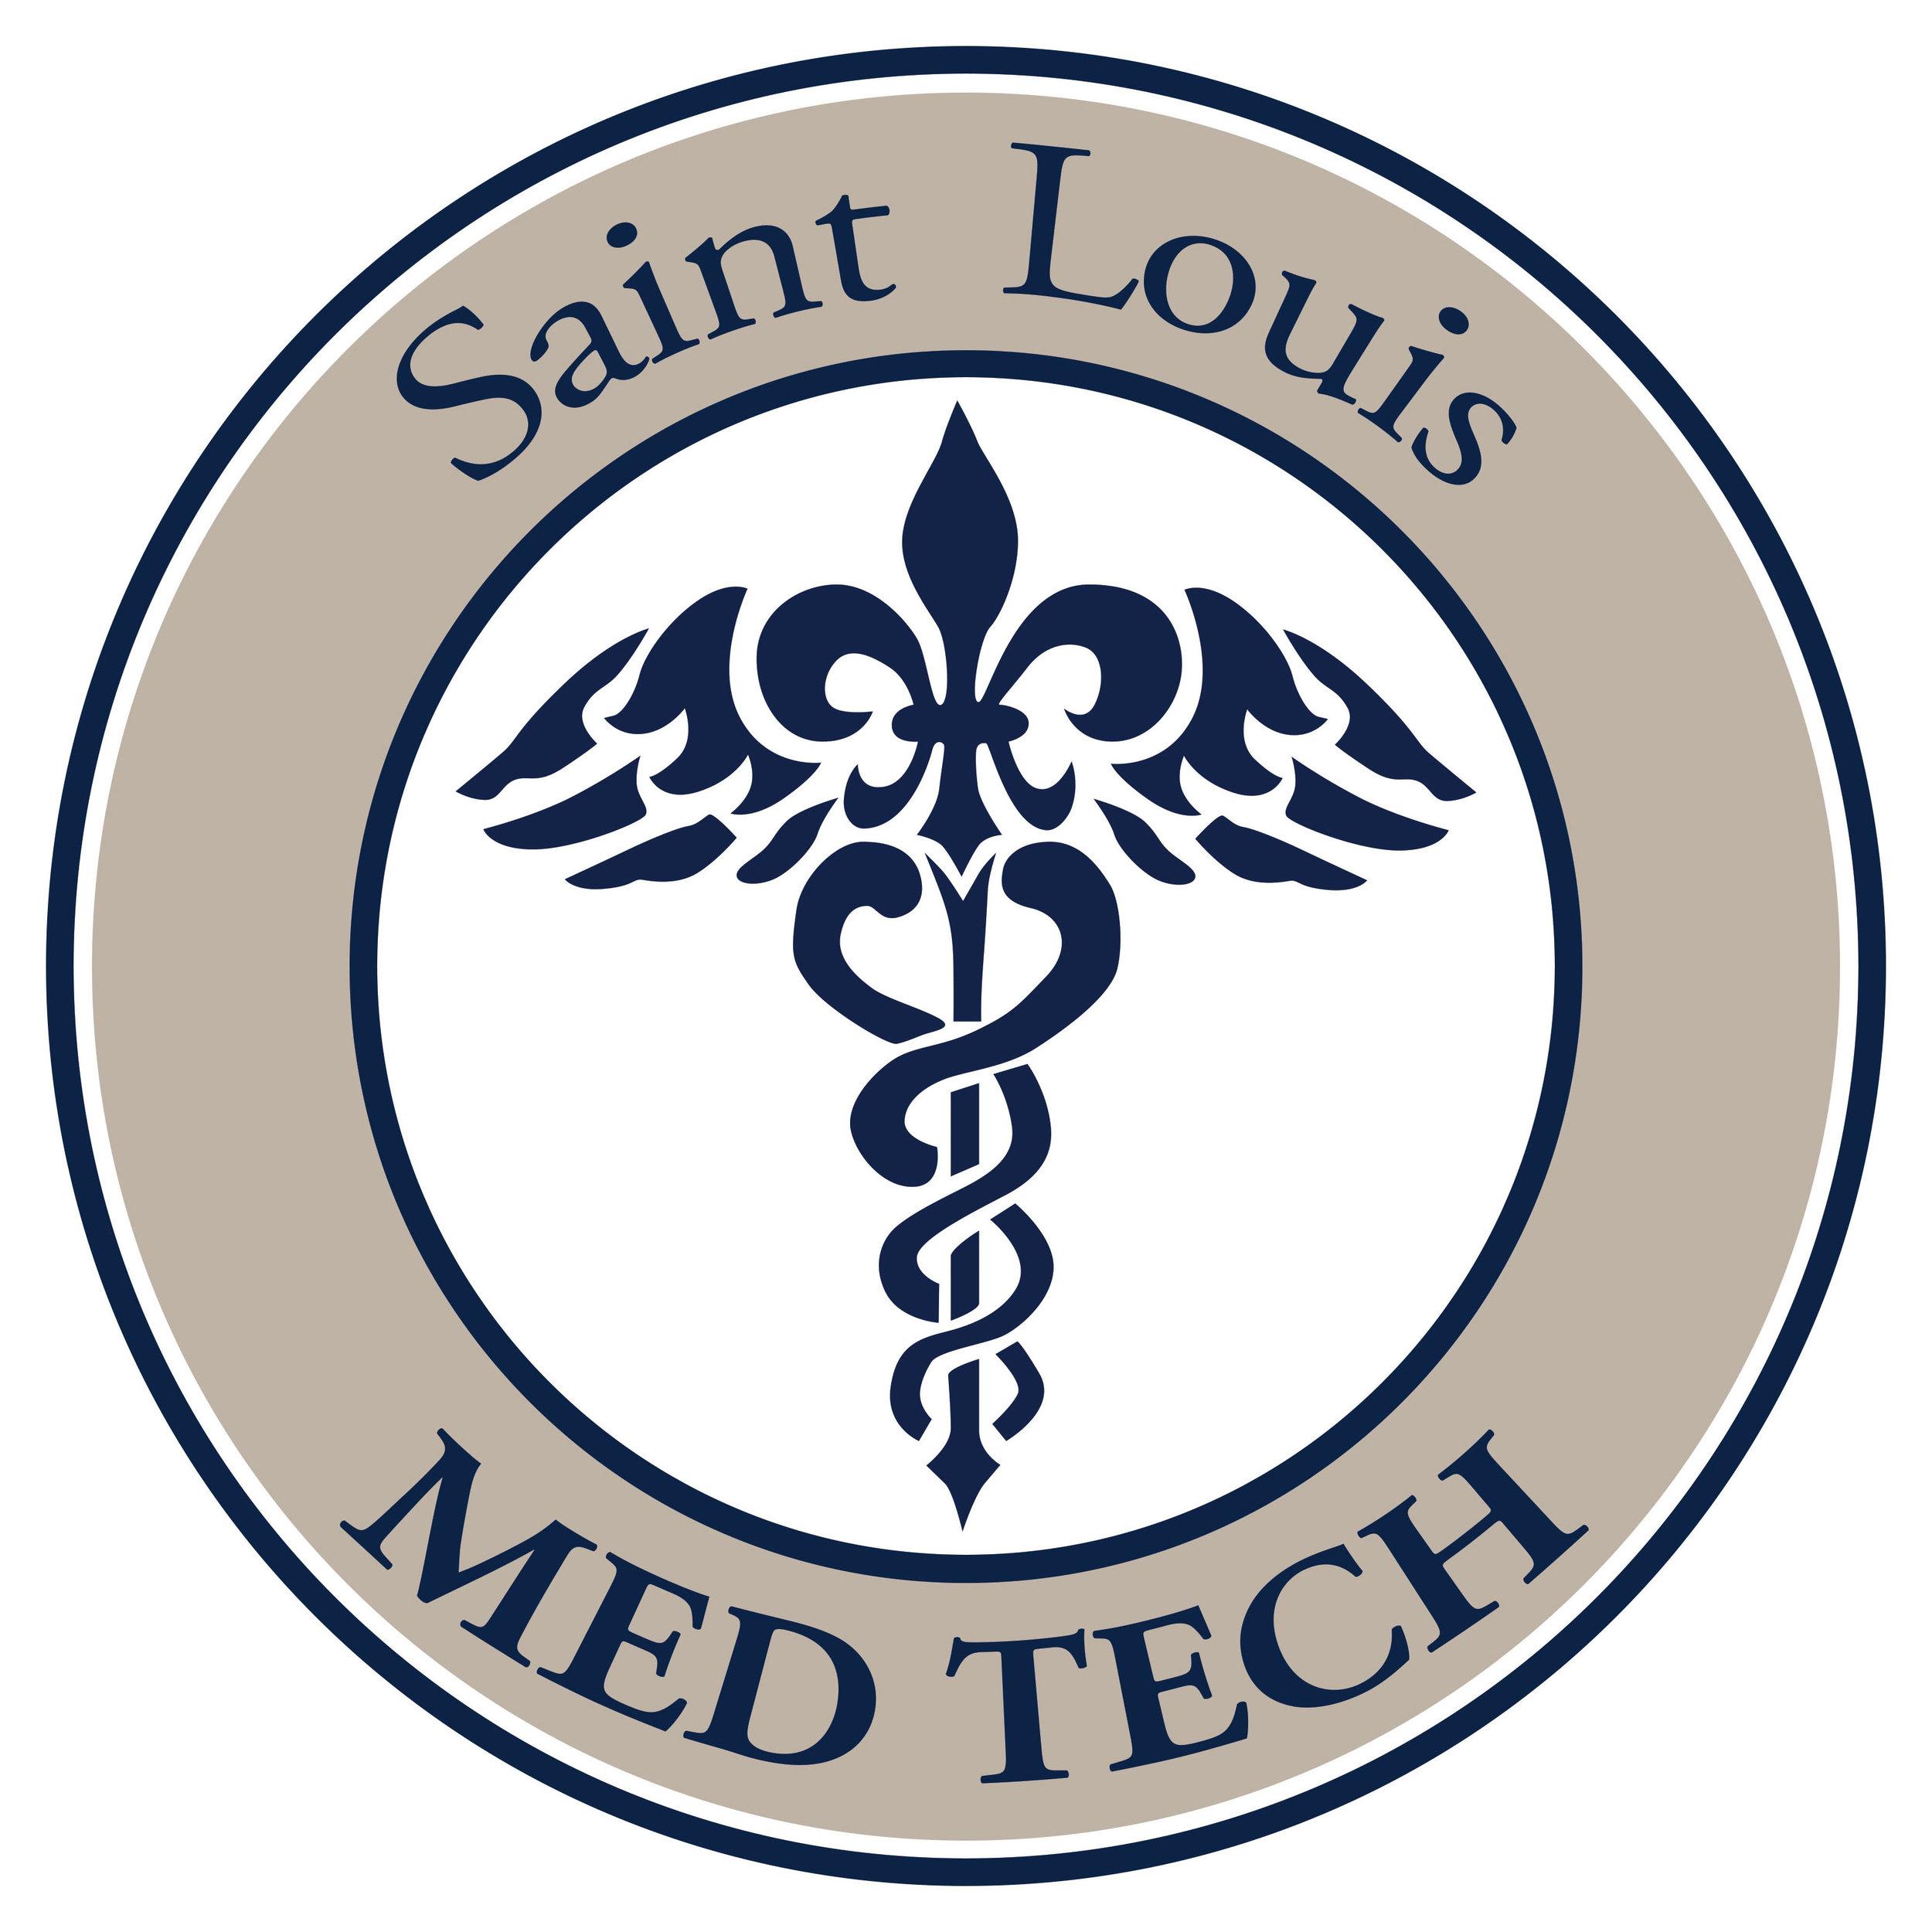 st_louis_med_tech_1.jpg